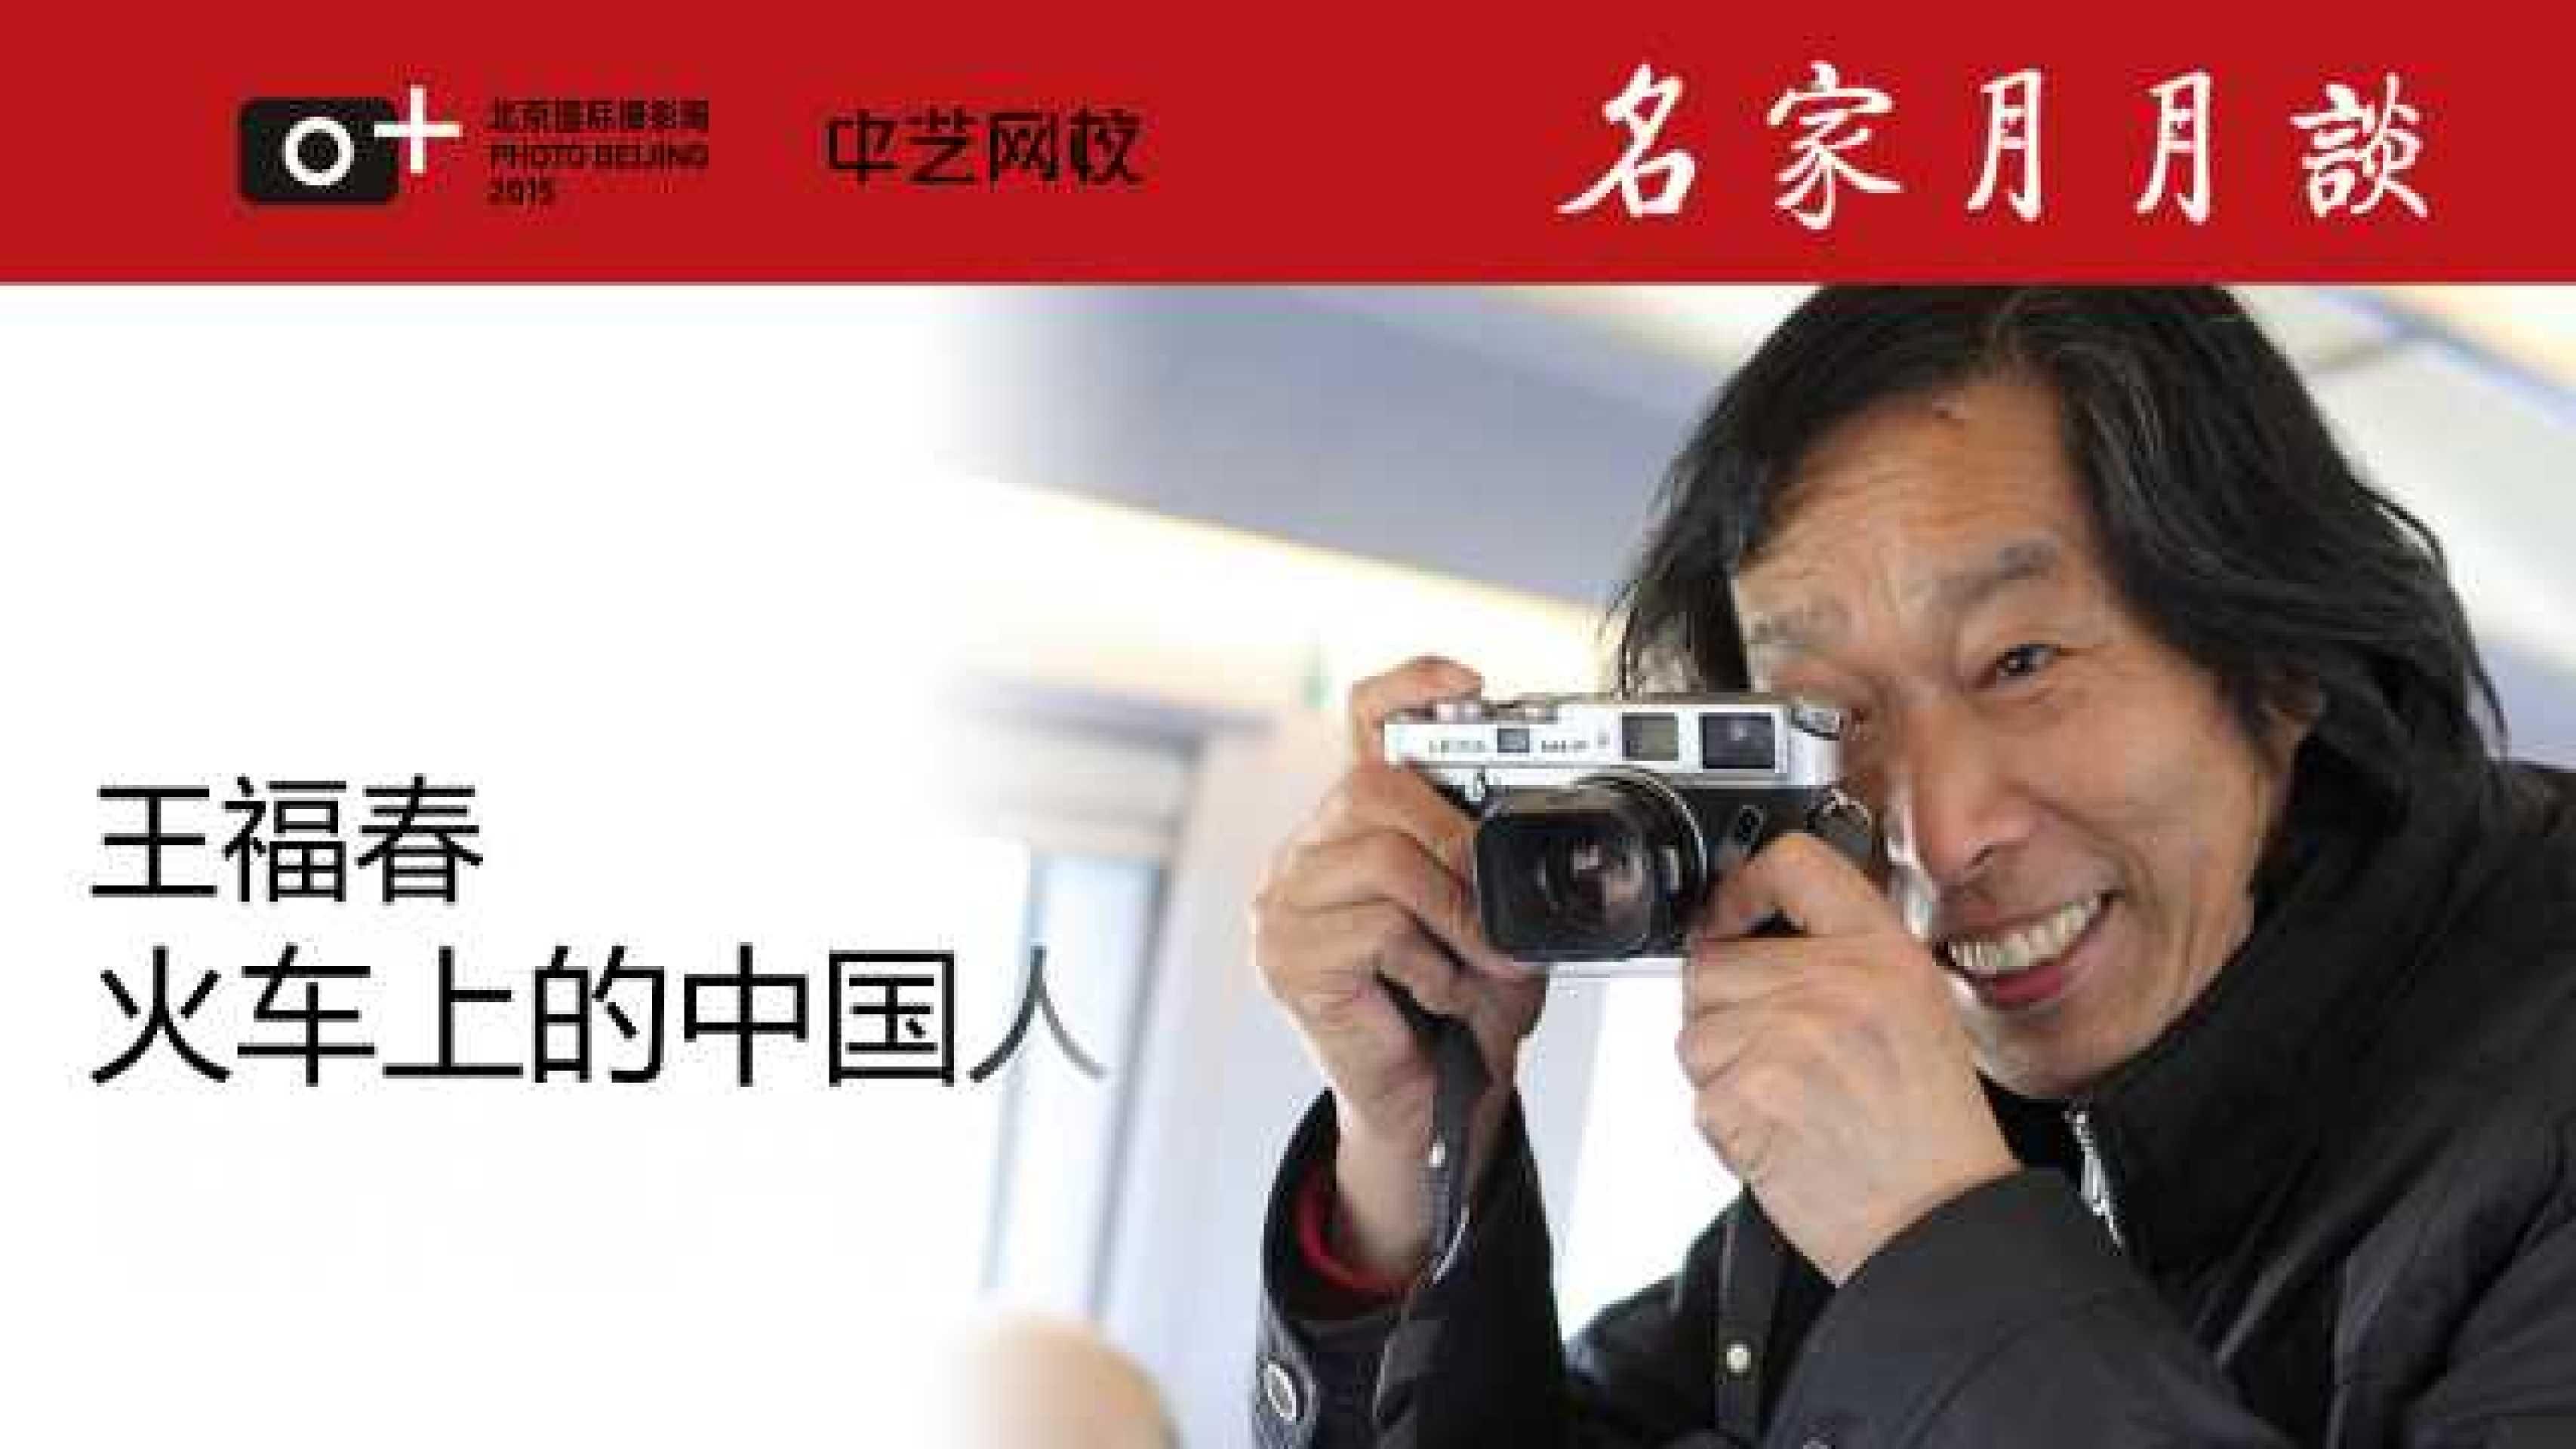 王福春:火车上的中国人_2016年1月中艺名家月月谈